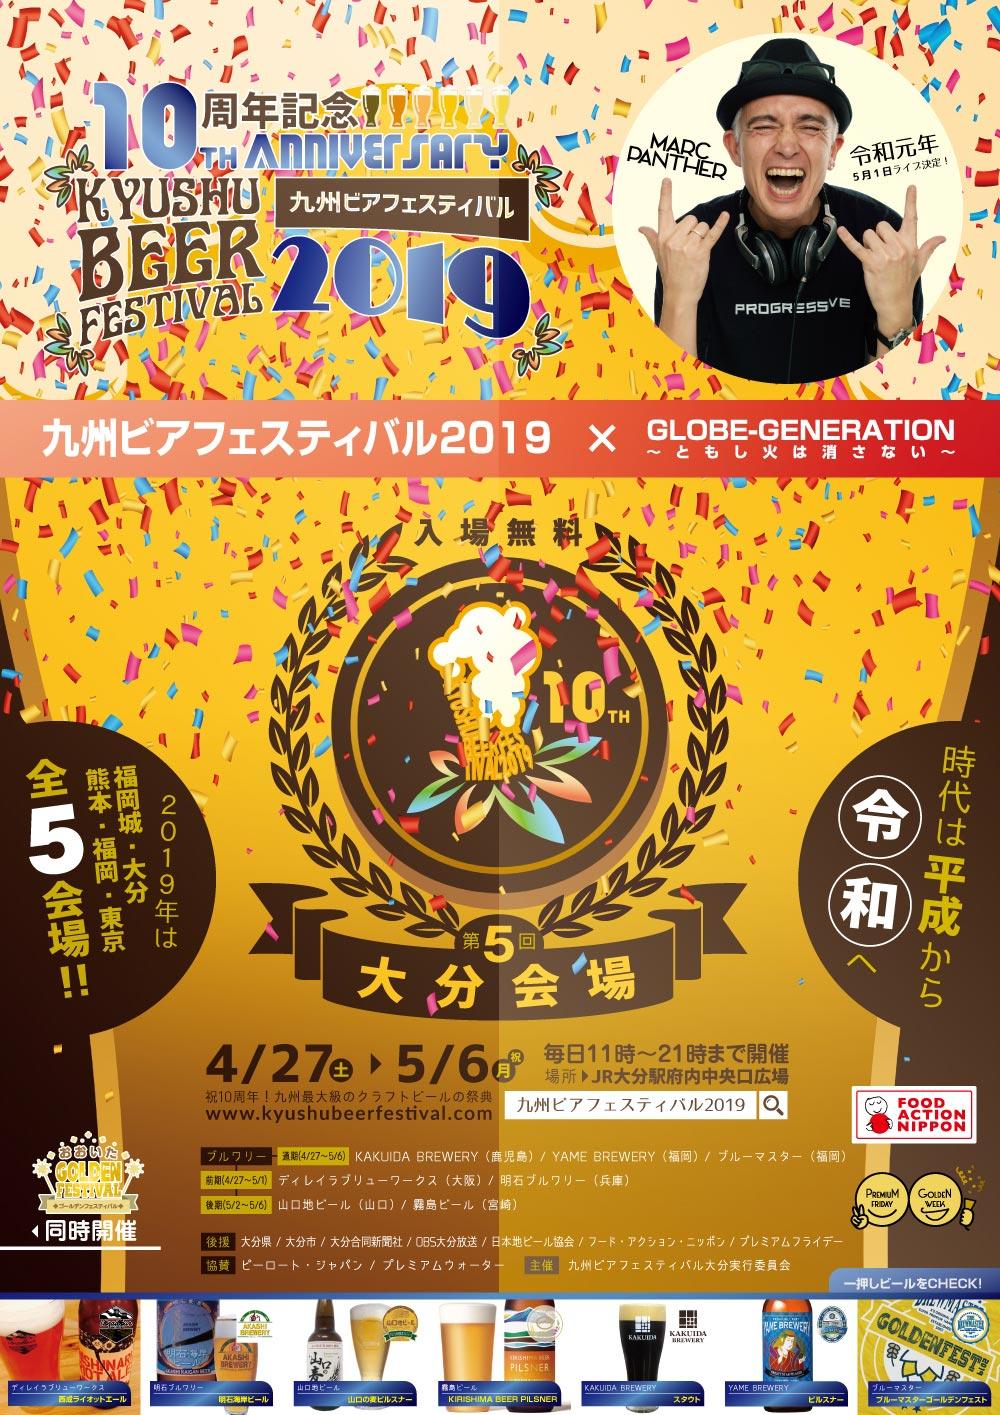 九州ビアフェスティバル2019大分フライヤーデザイン